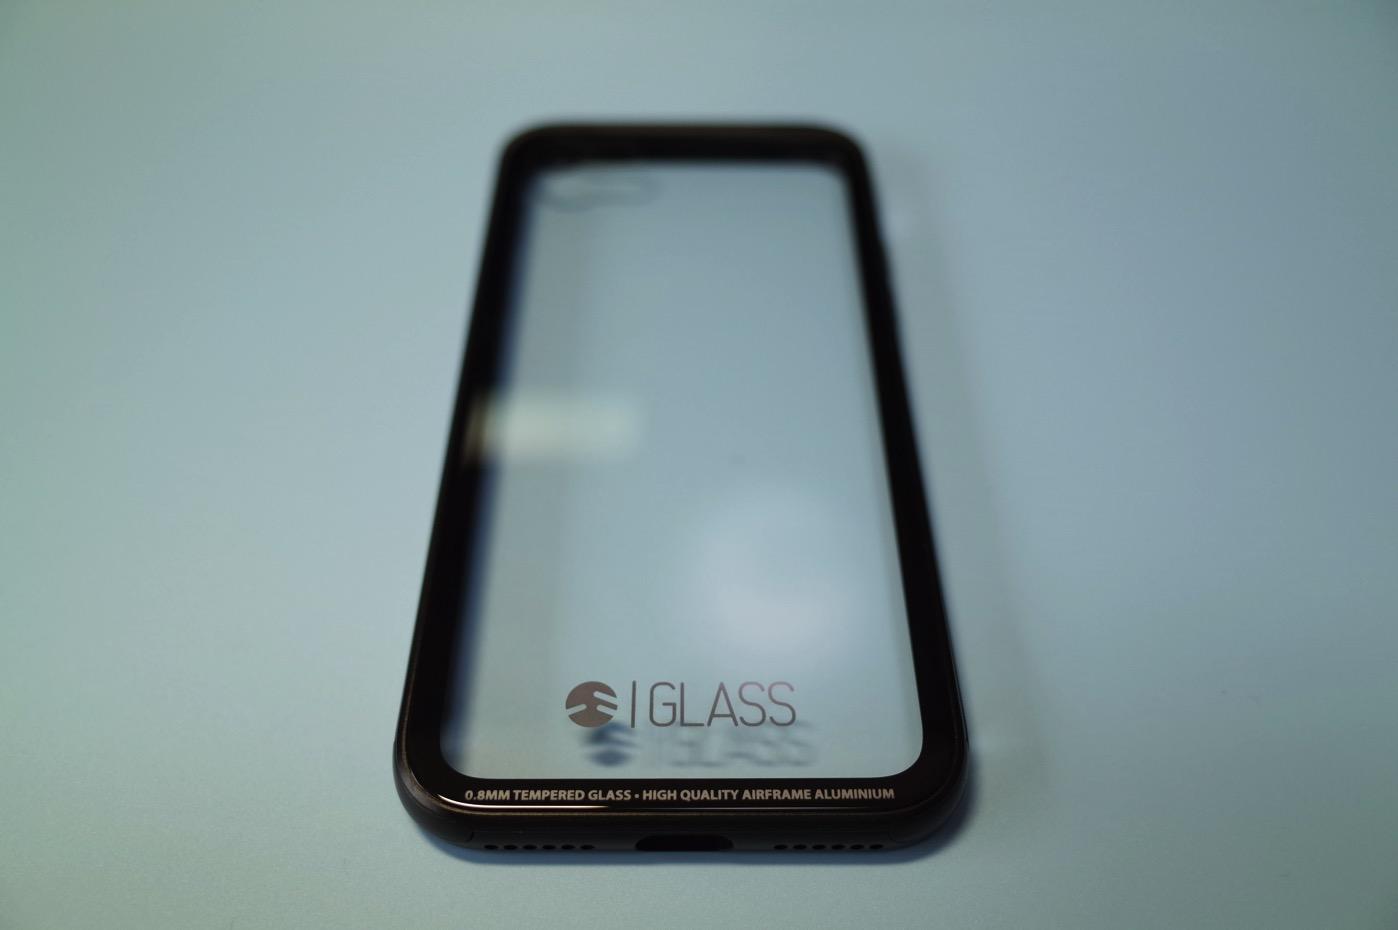 IGLASS-9